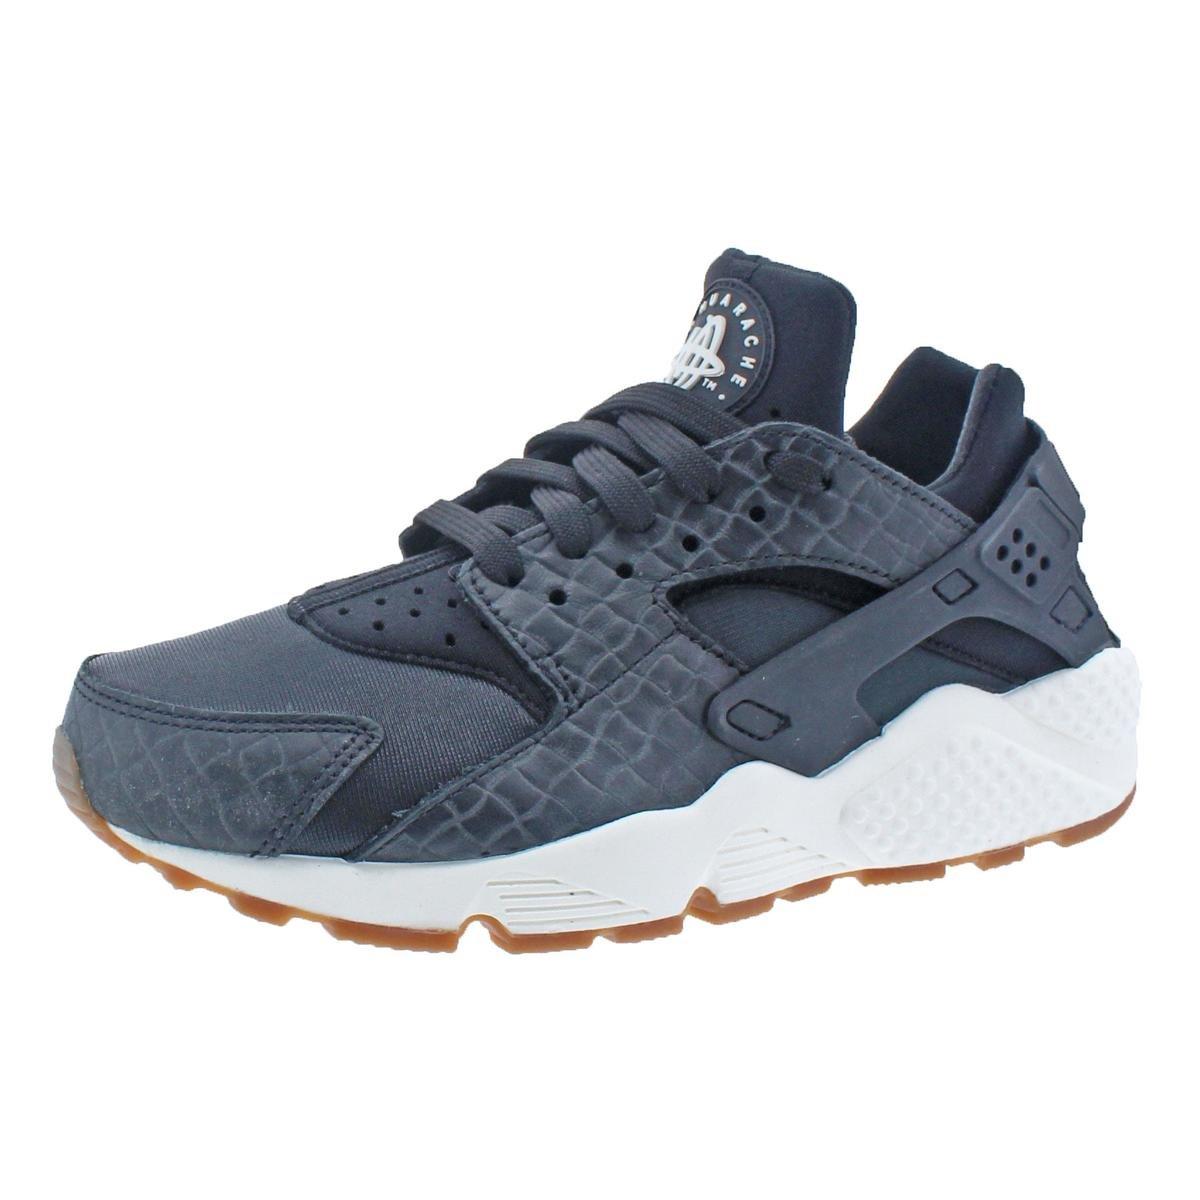 6209a6e35e708 Galleon - NIKE Womens Air Huarache Run Premium Fashion Sneakers Black 5  Medium (B